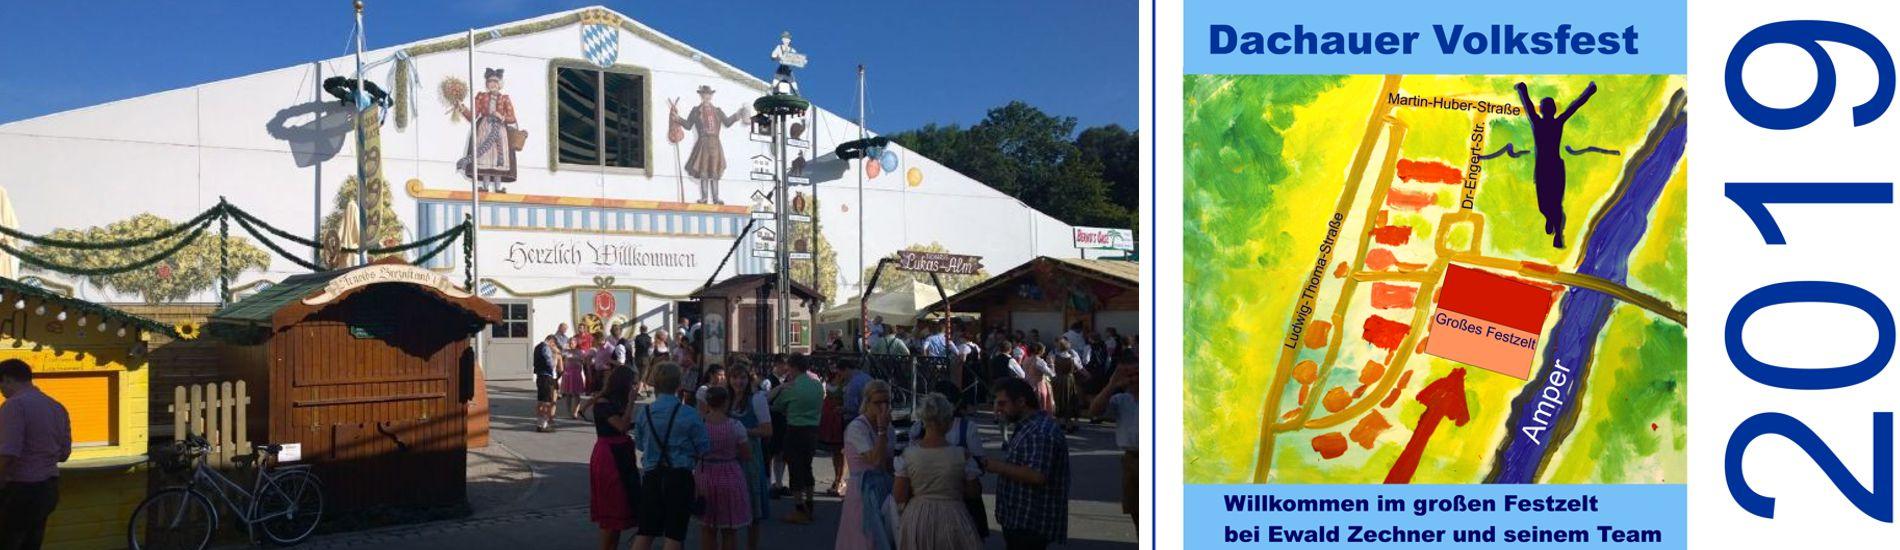 Dachauer Volksfest 2018